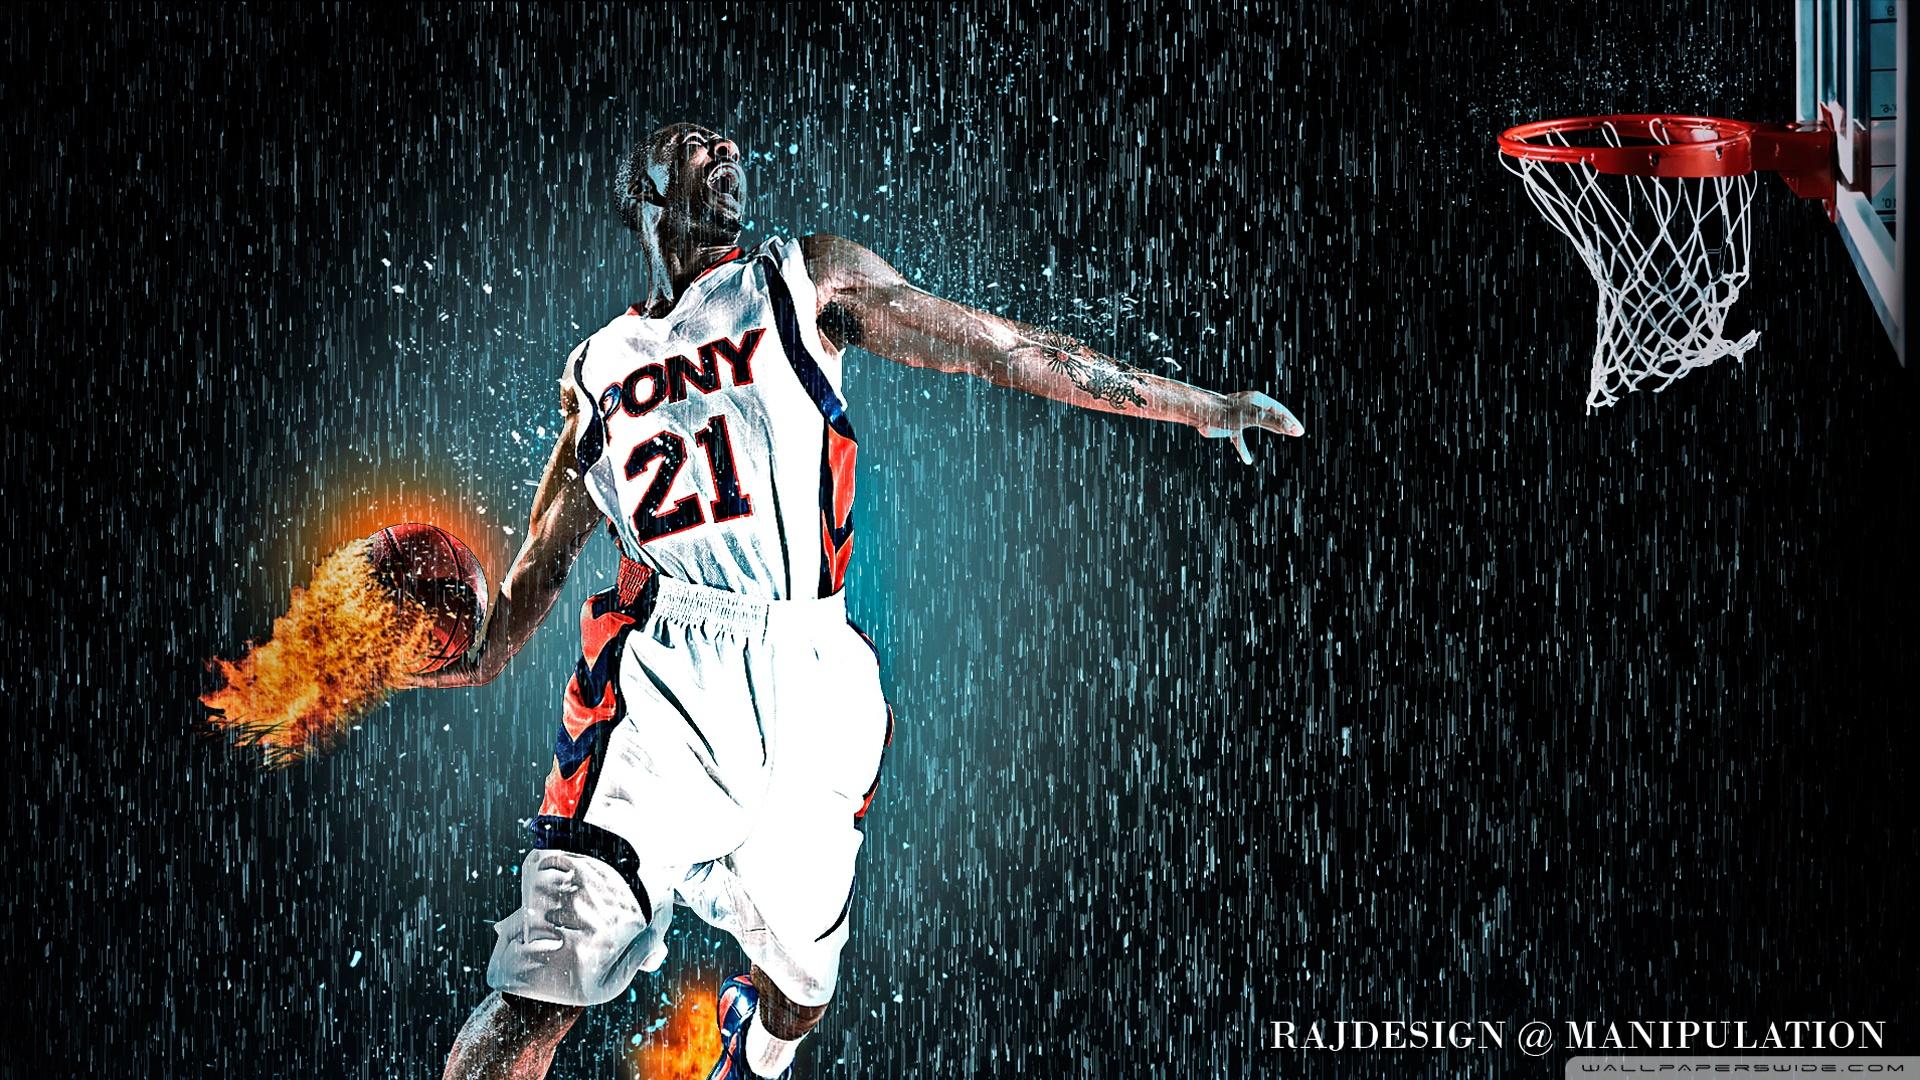 News Today Duke Basketball Wallpaper